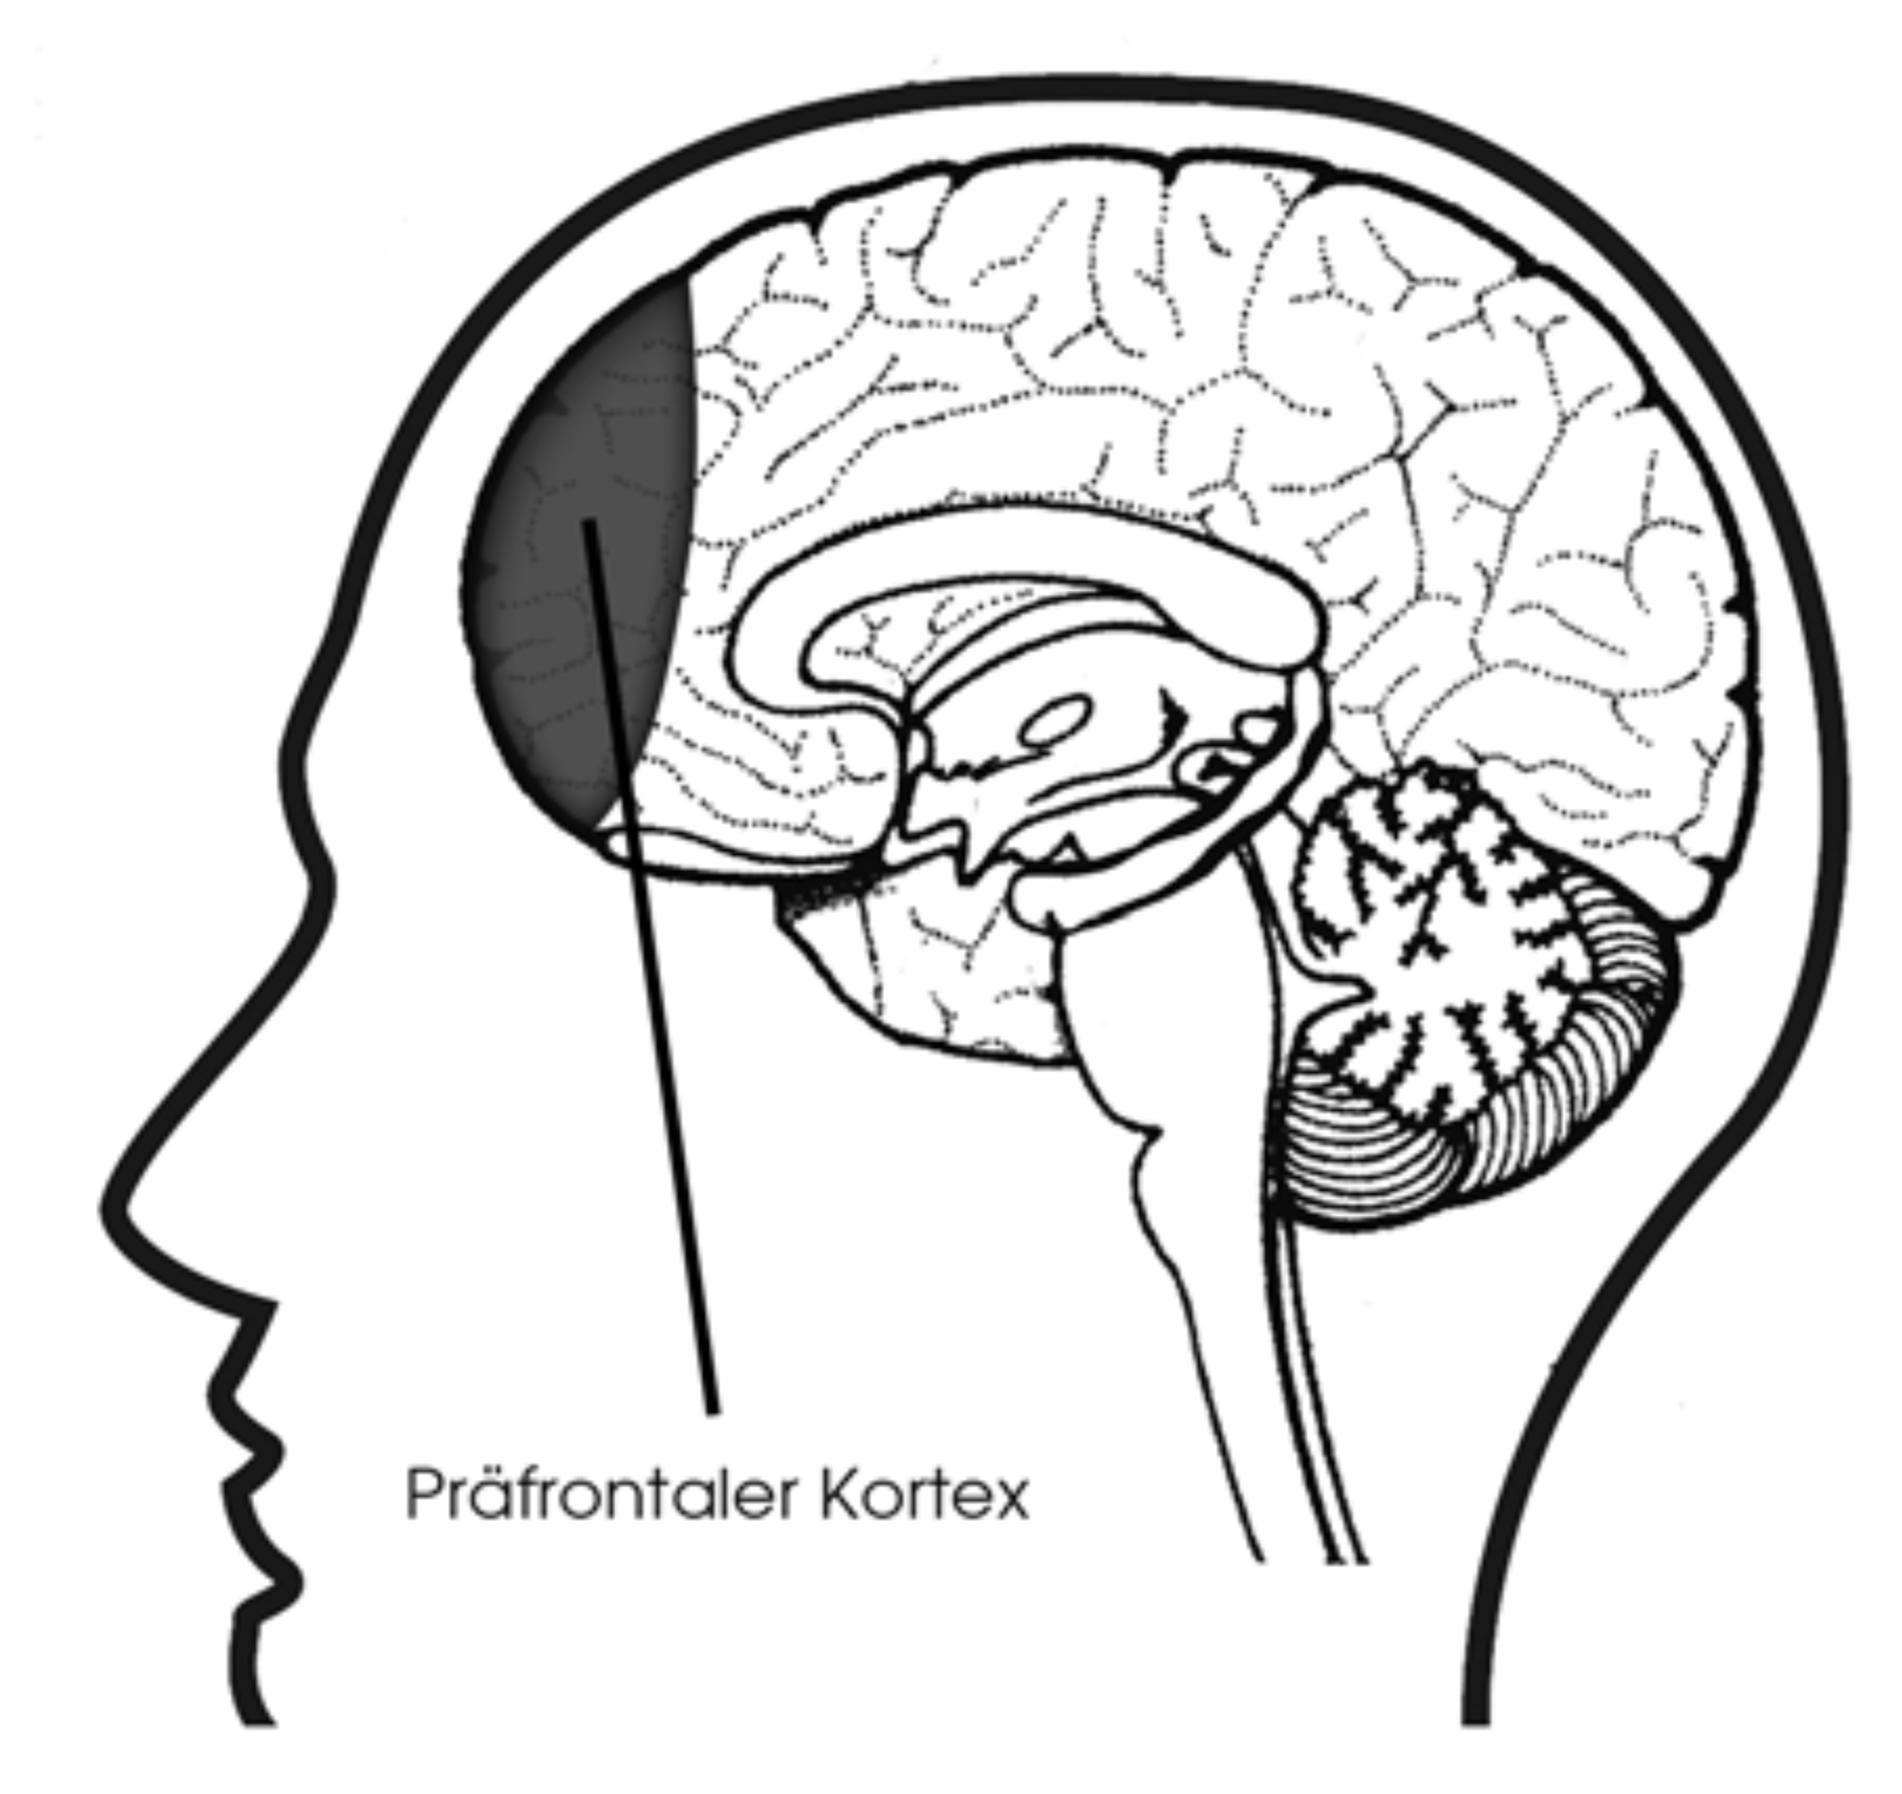 lernfaehigkeit-steigern-cortex